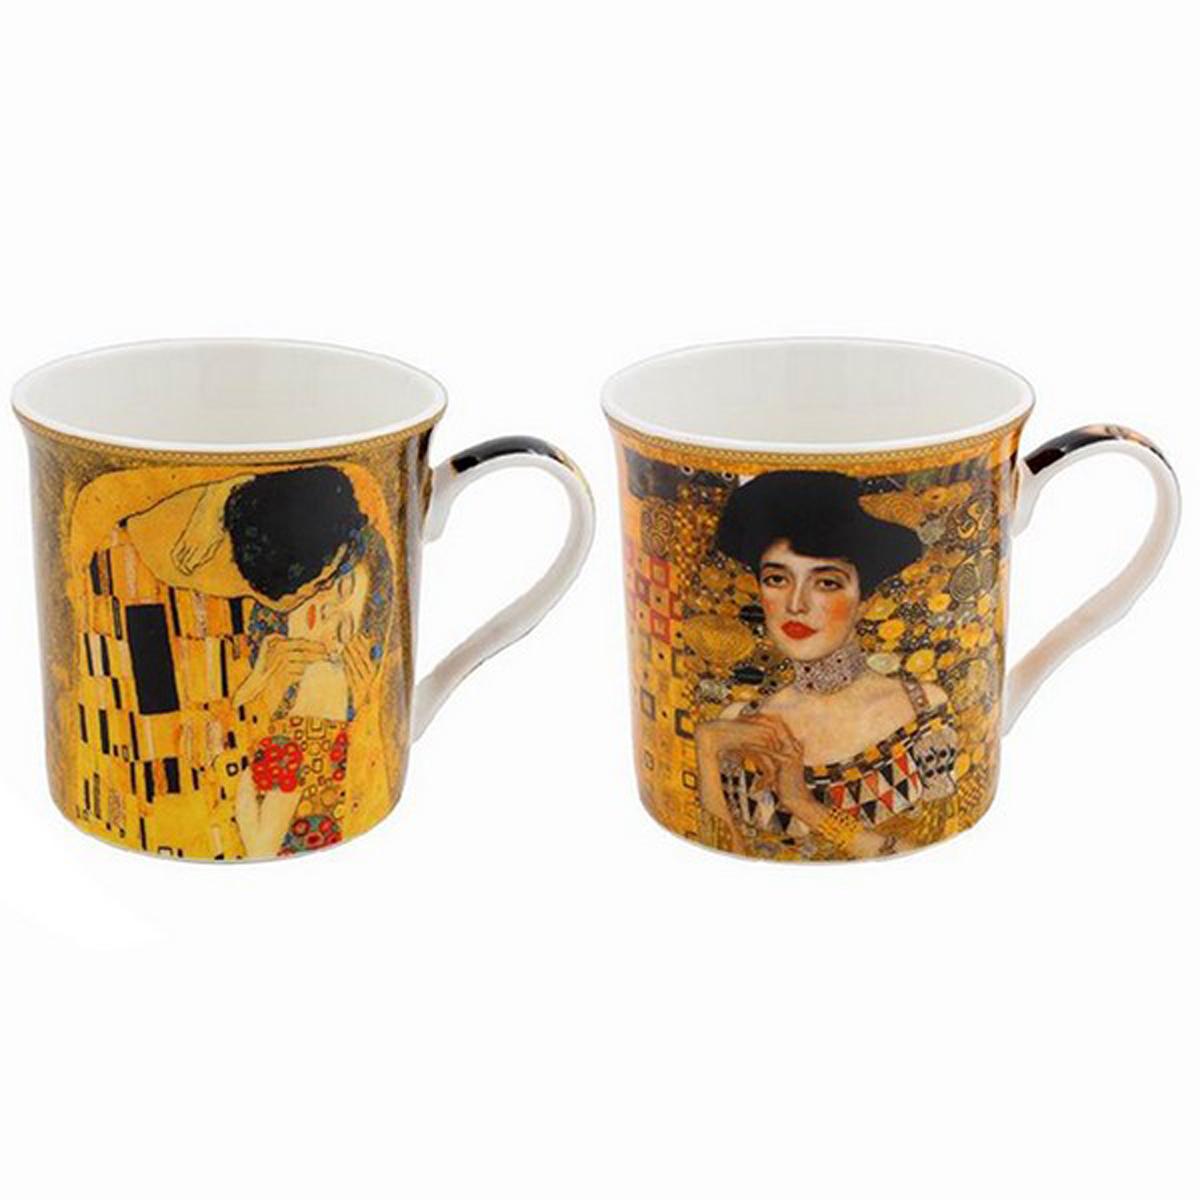 Coffret cadeau porcelaine \'Gustav Klimt\' (2 mugs) - 85x85 mm - [A0198]